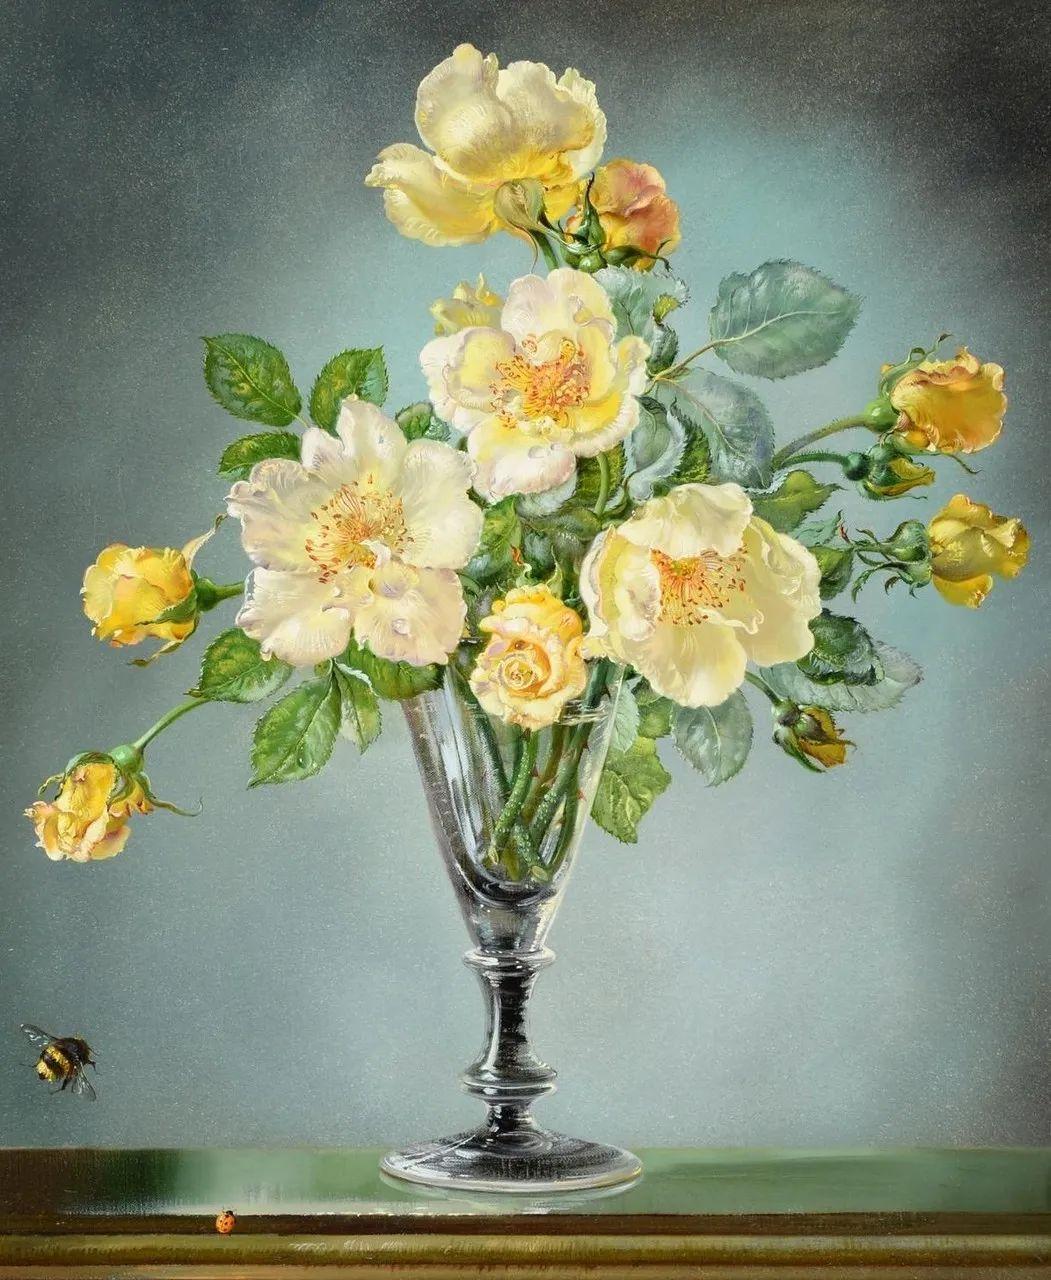 英国最伟大的花卉画家之一,艺术家塞西尔·肯尼迪插图69